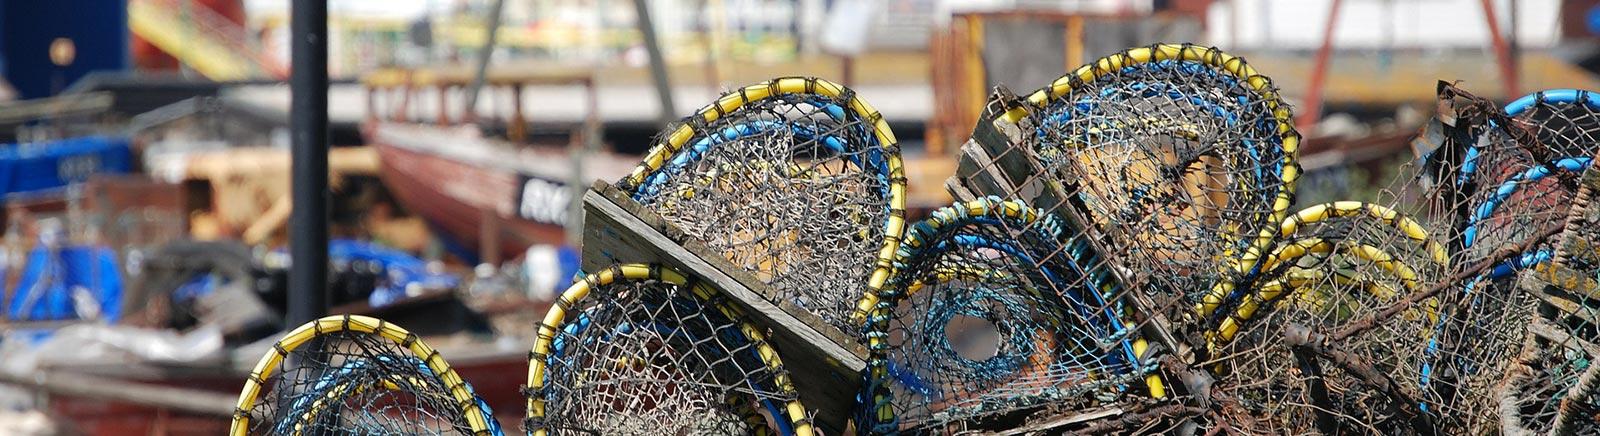 lobster-pots-344347_1920